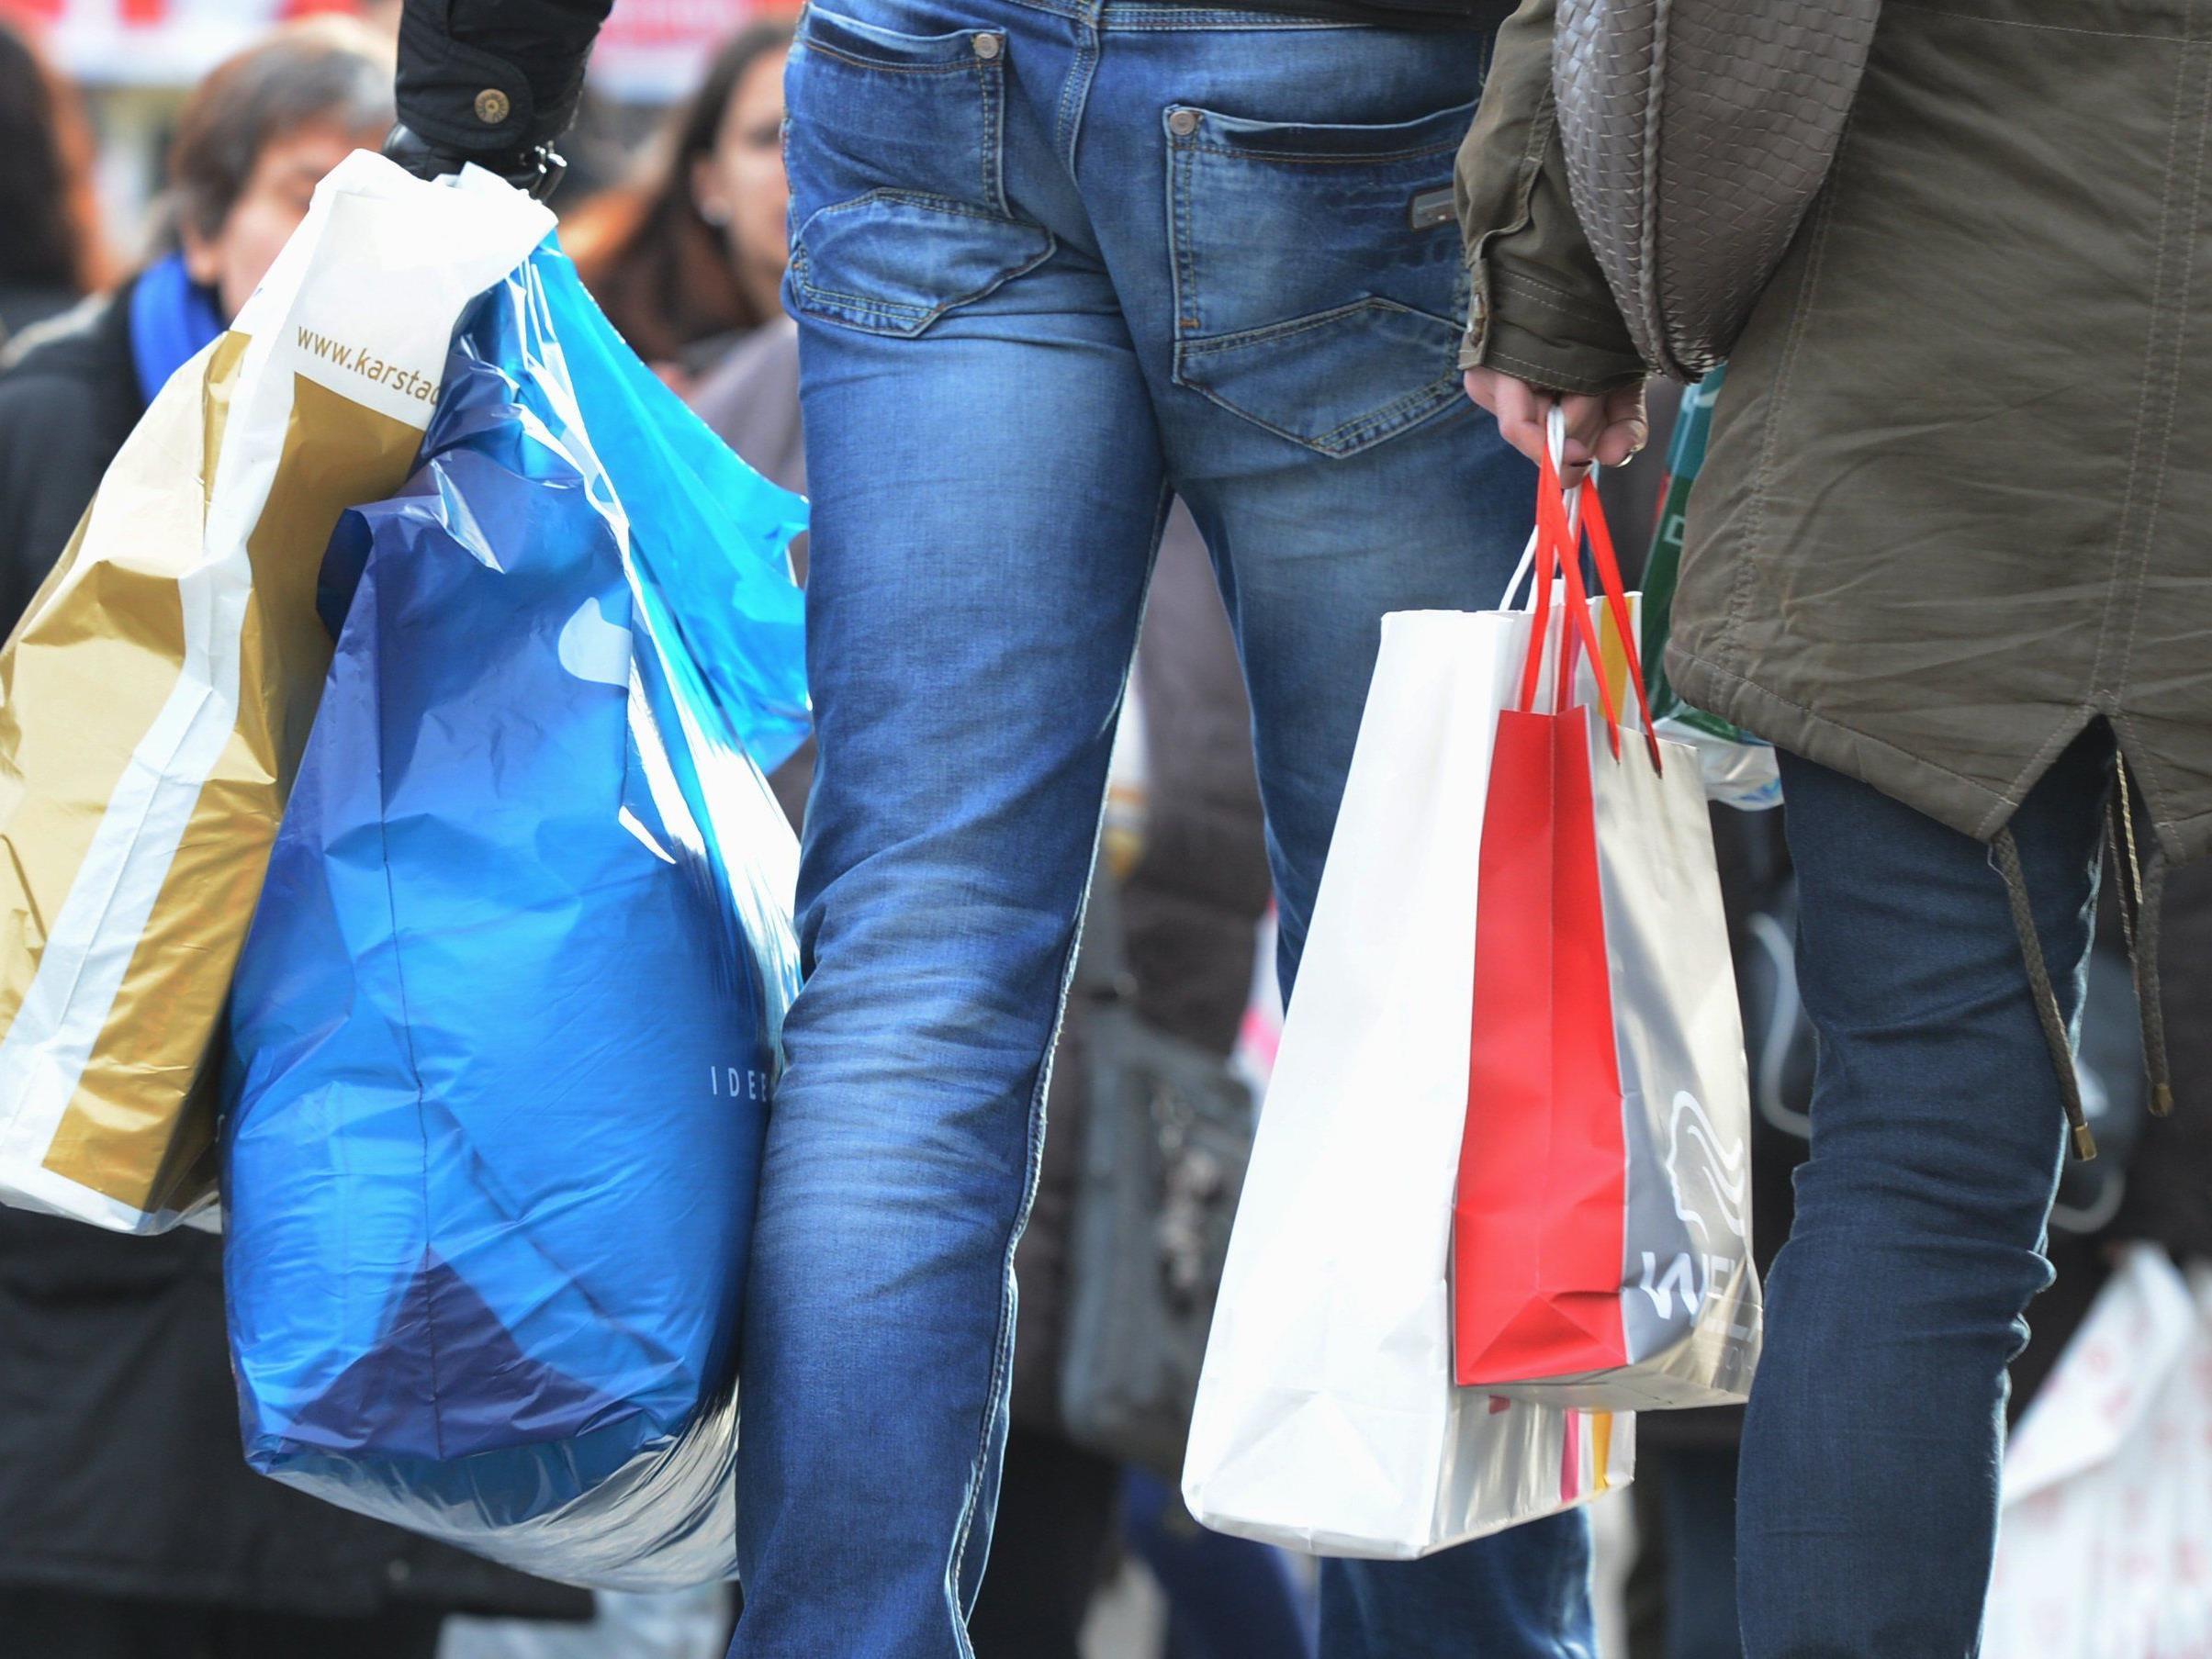 Kunden konnten am letzten richtigen Einkaufstag vor Weihnachten meist nicht mit Karte bezahlen.